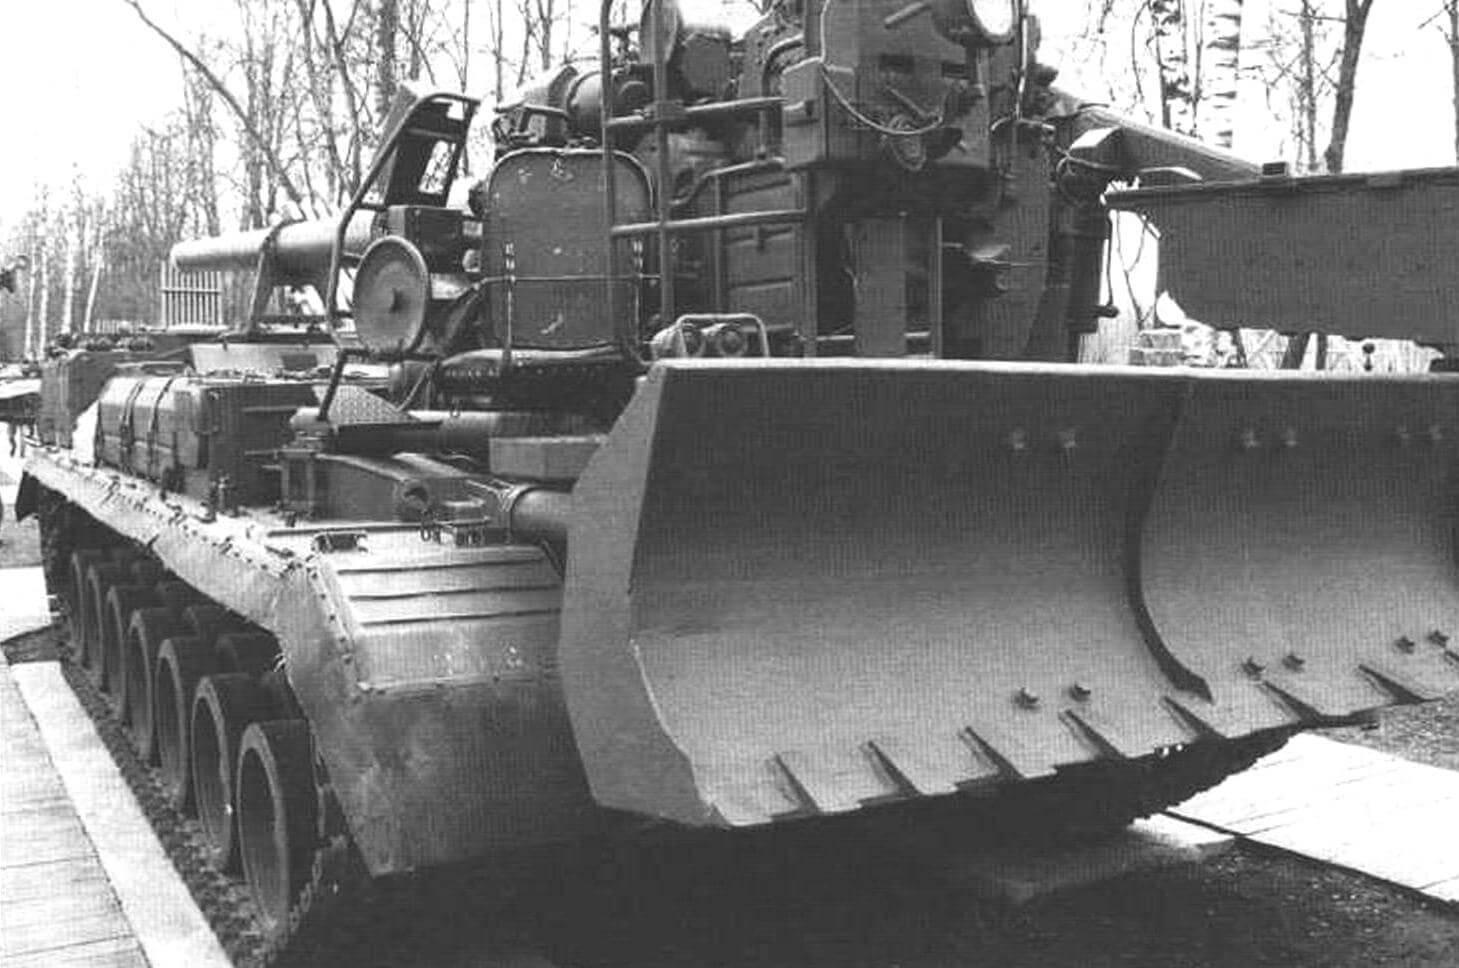 Сошник САУ 2С7